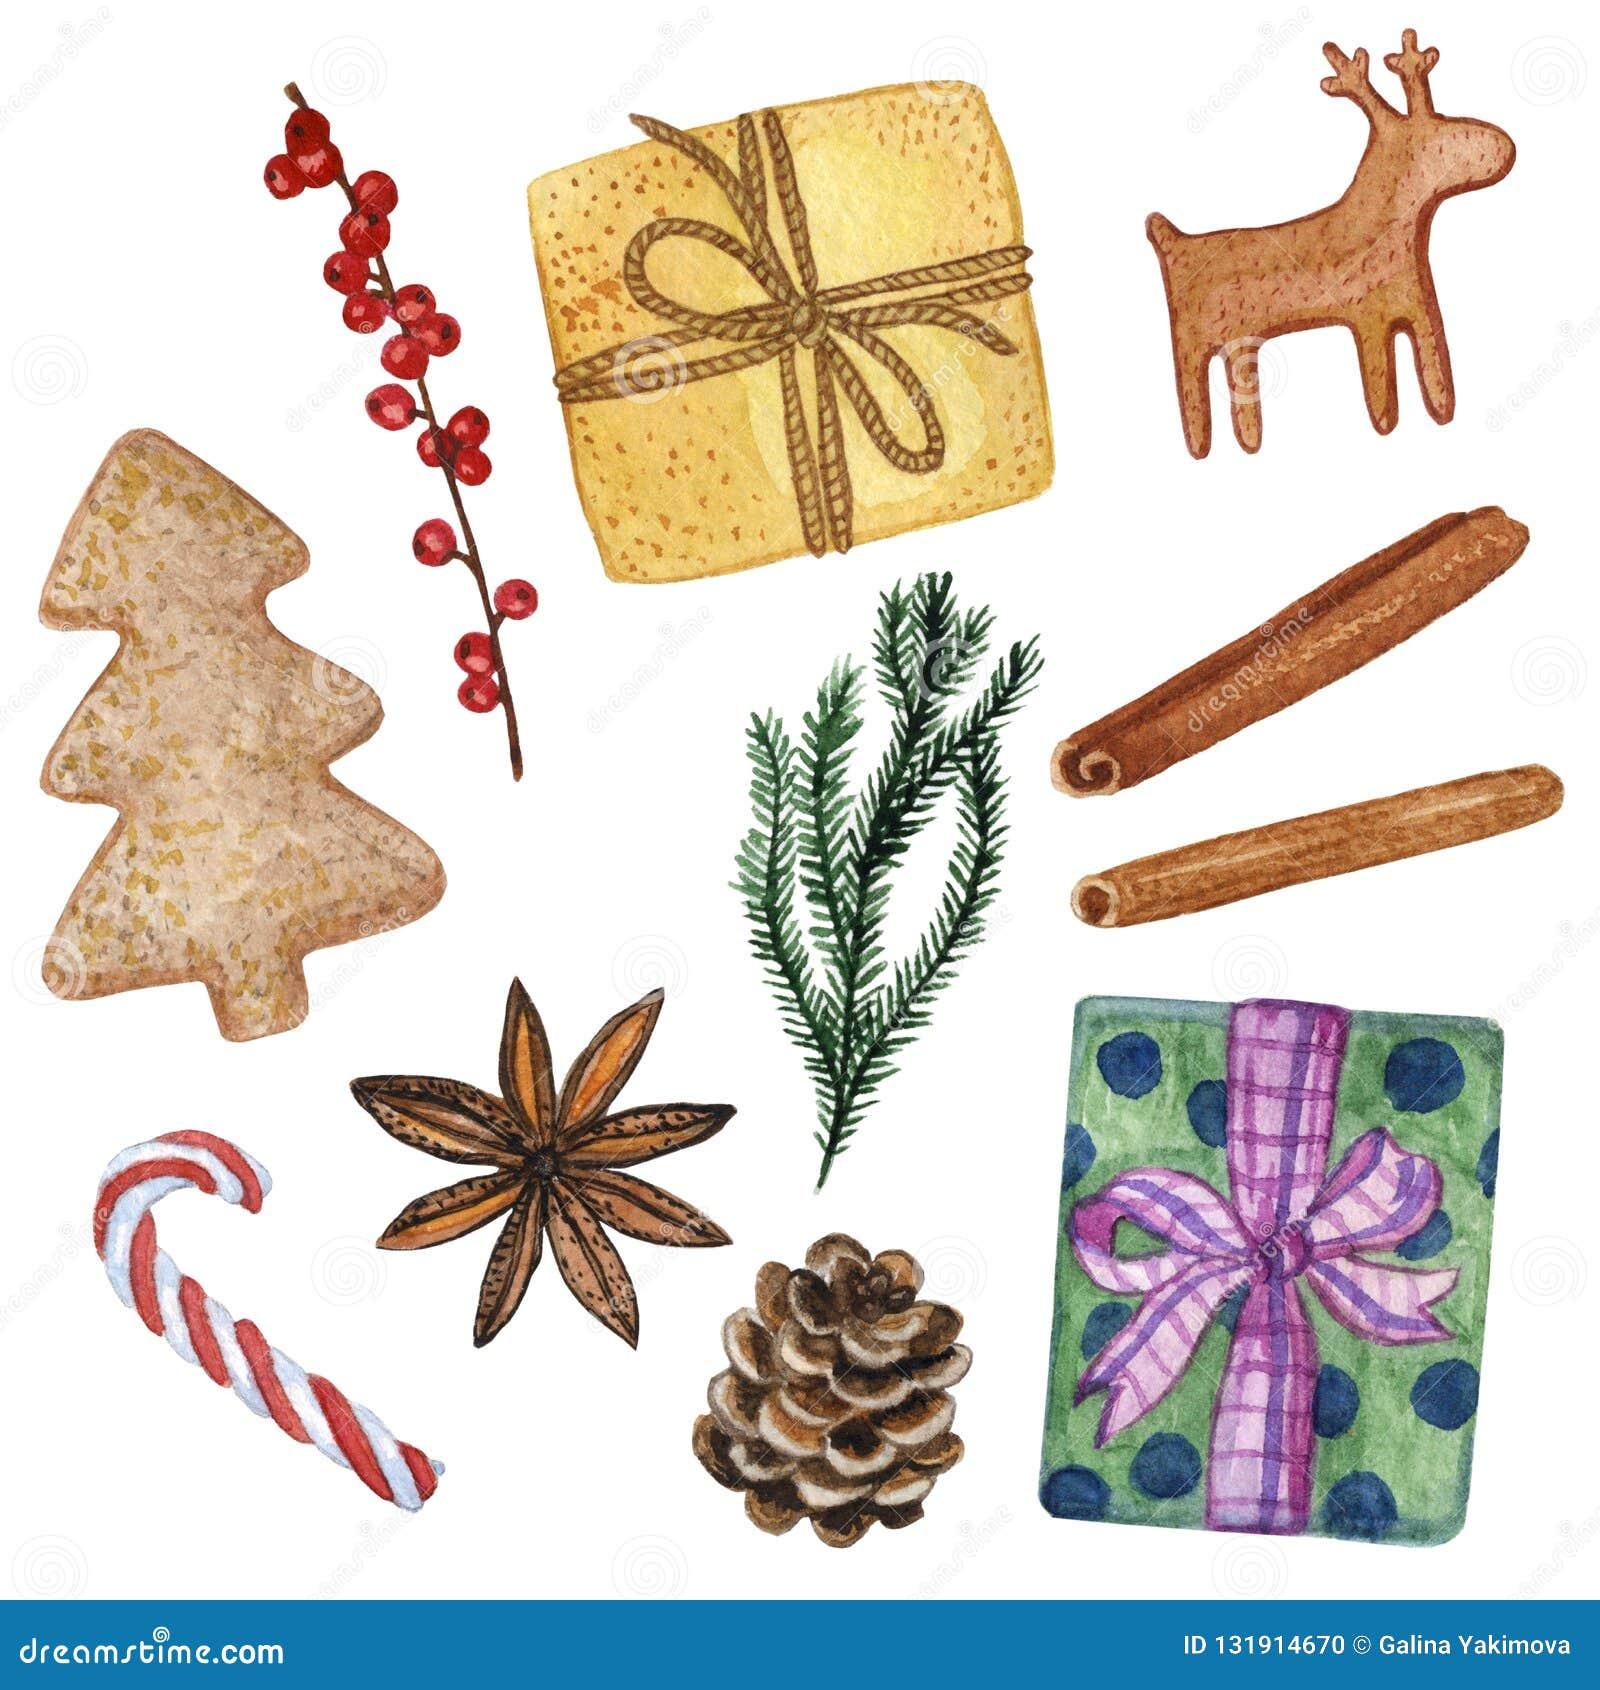 Σύνολο 11 διάφορων νέων διακοσμητικών στοιχείων έτους και Χριστουγέννων - Hand-drawn απεικόνιση Watercolour που απομονώνεται στο